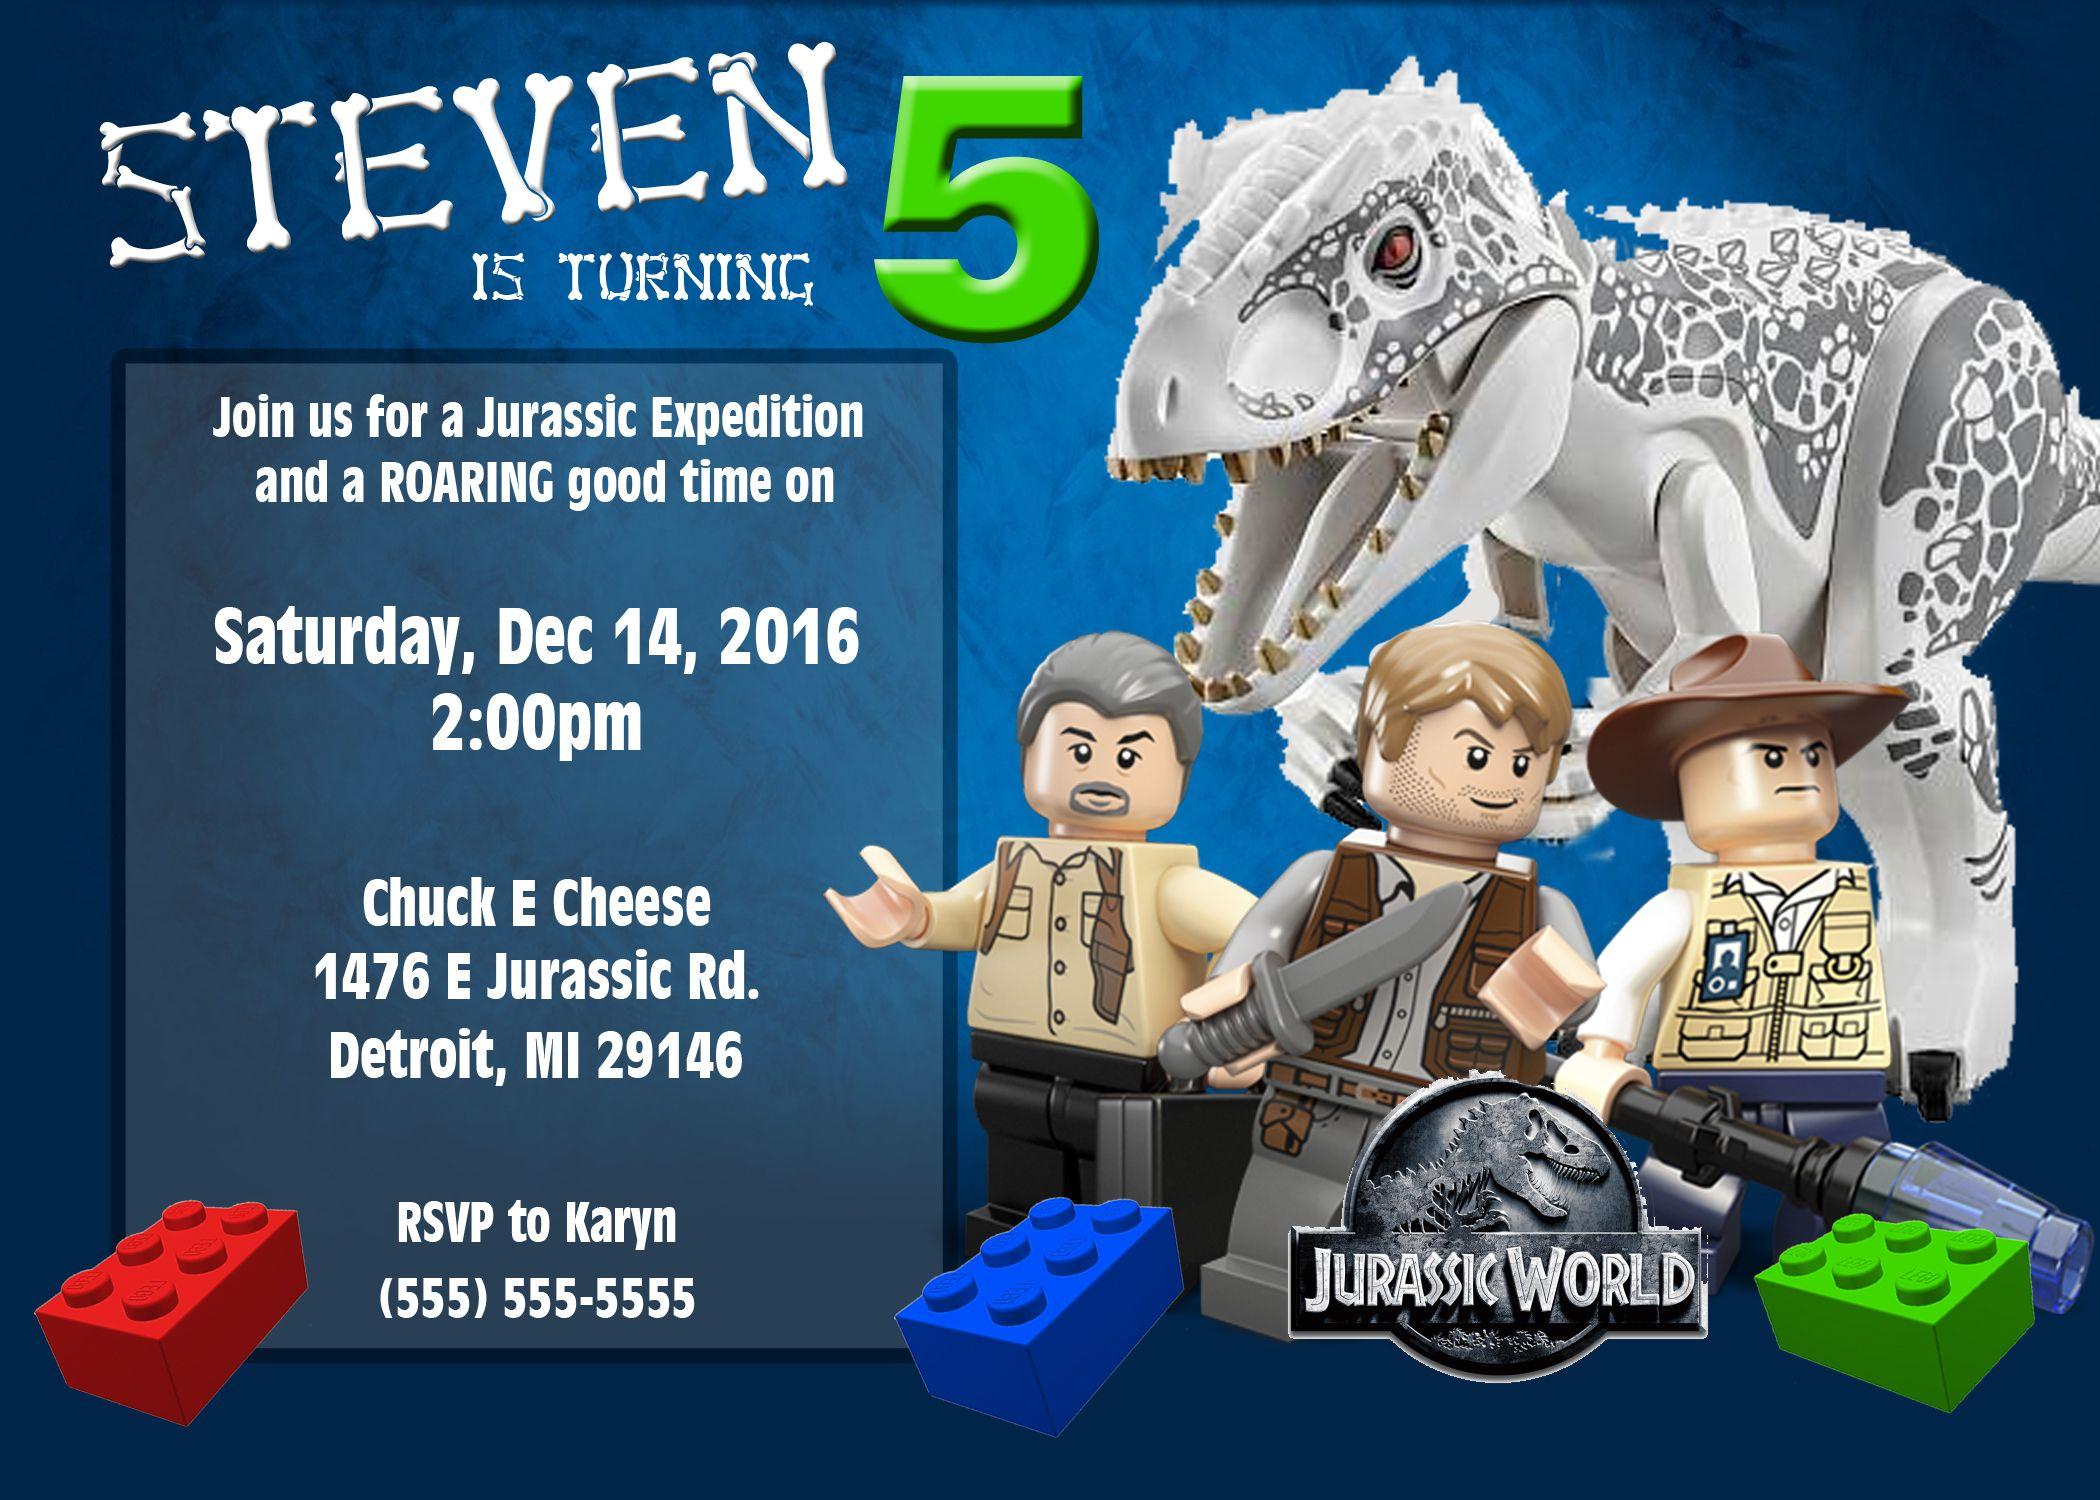 Lego Jurassic World Birthday Invitations Lego Birthdays and